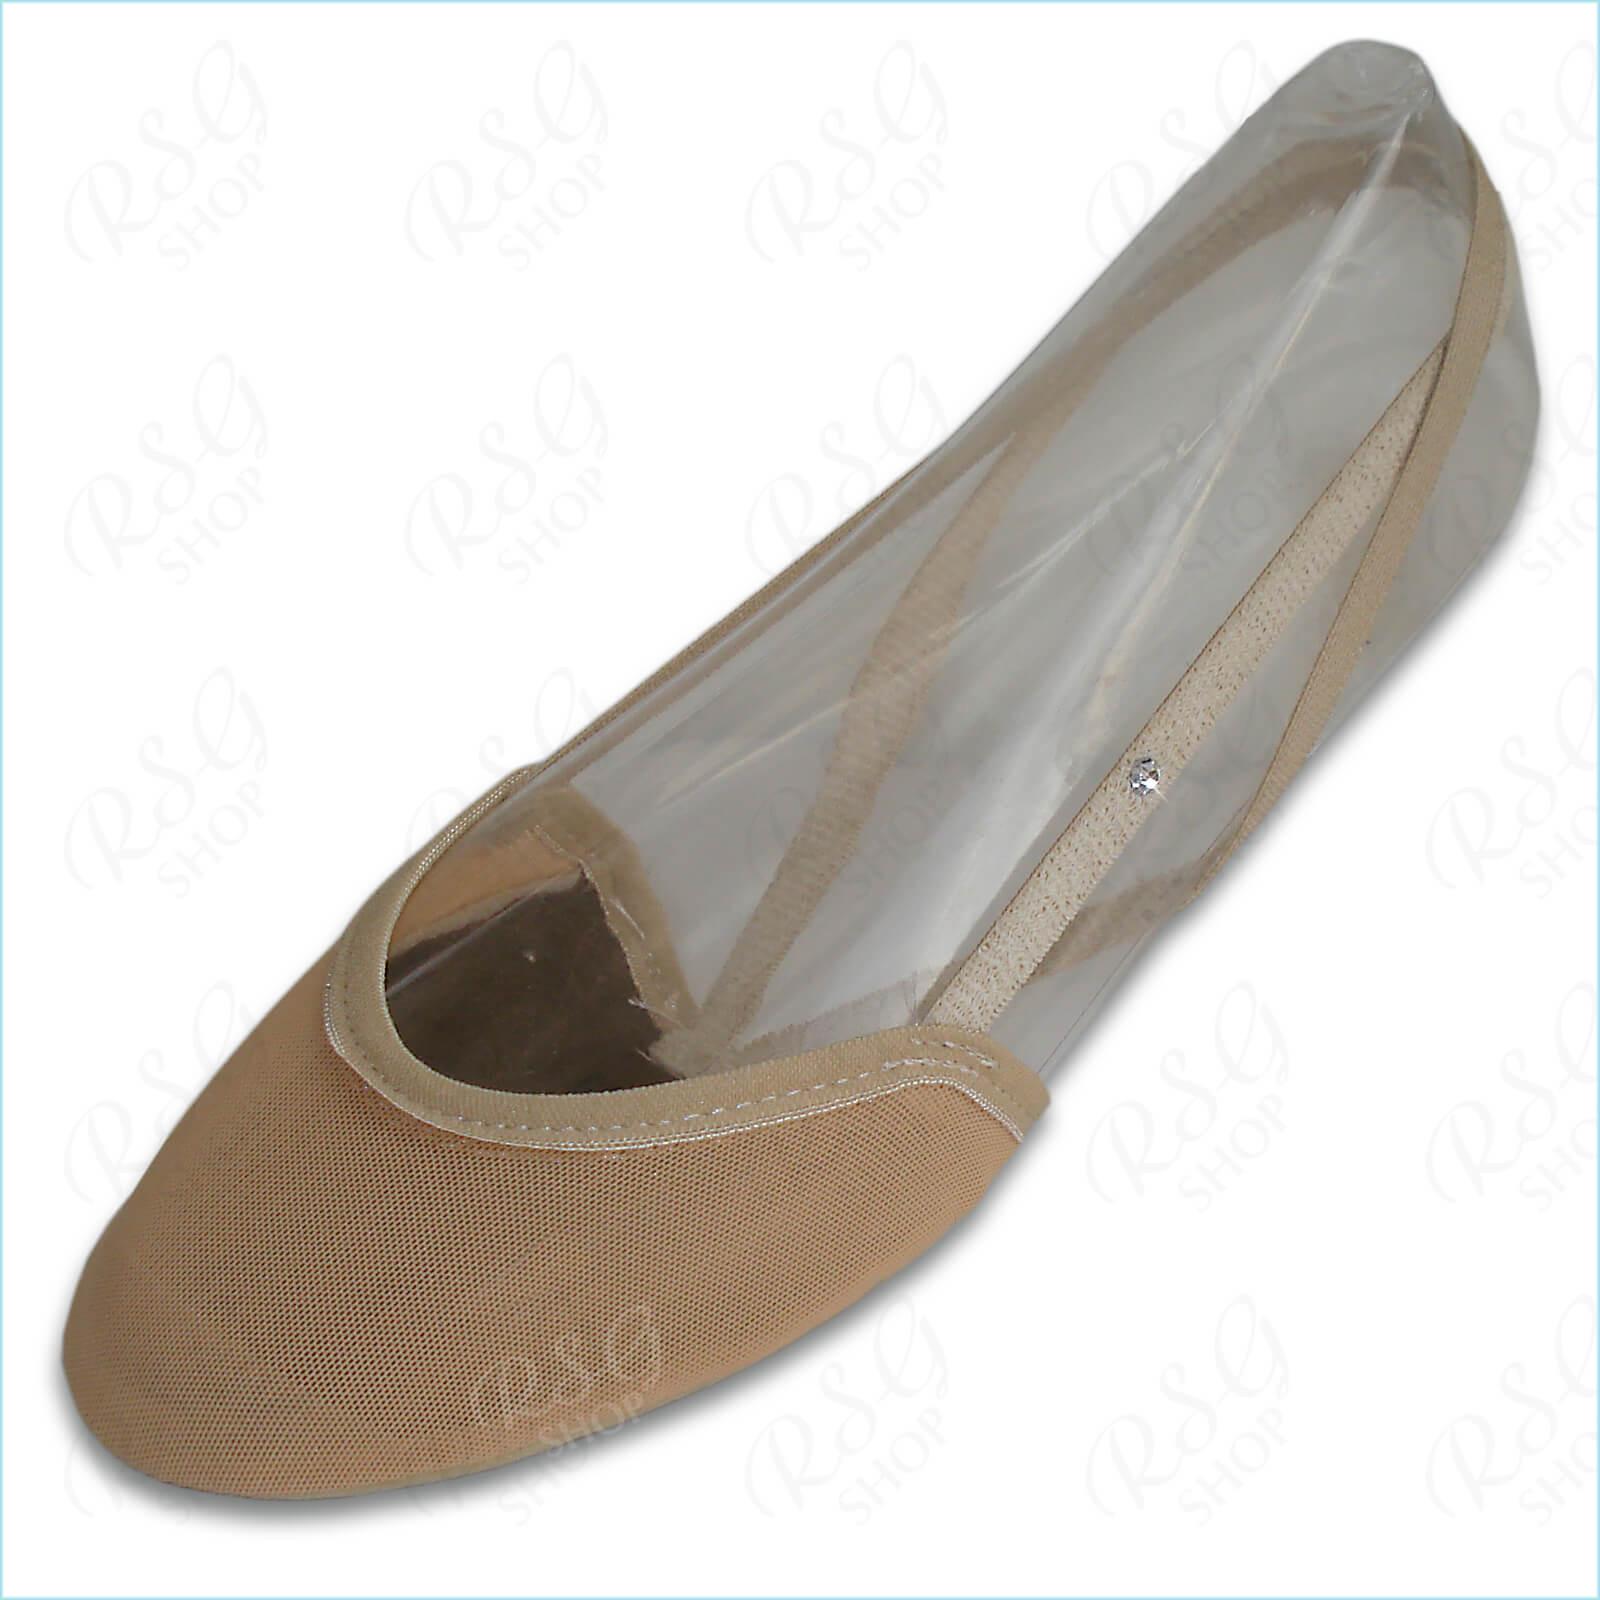 half-shoes-venturelli